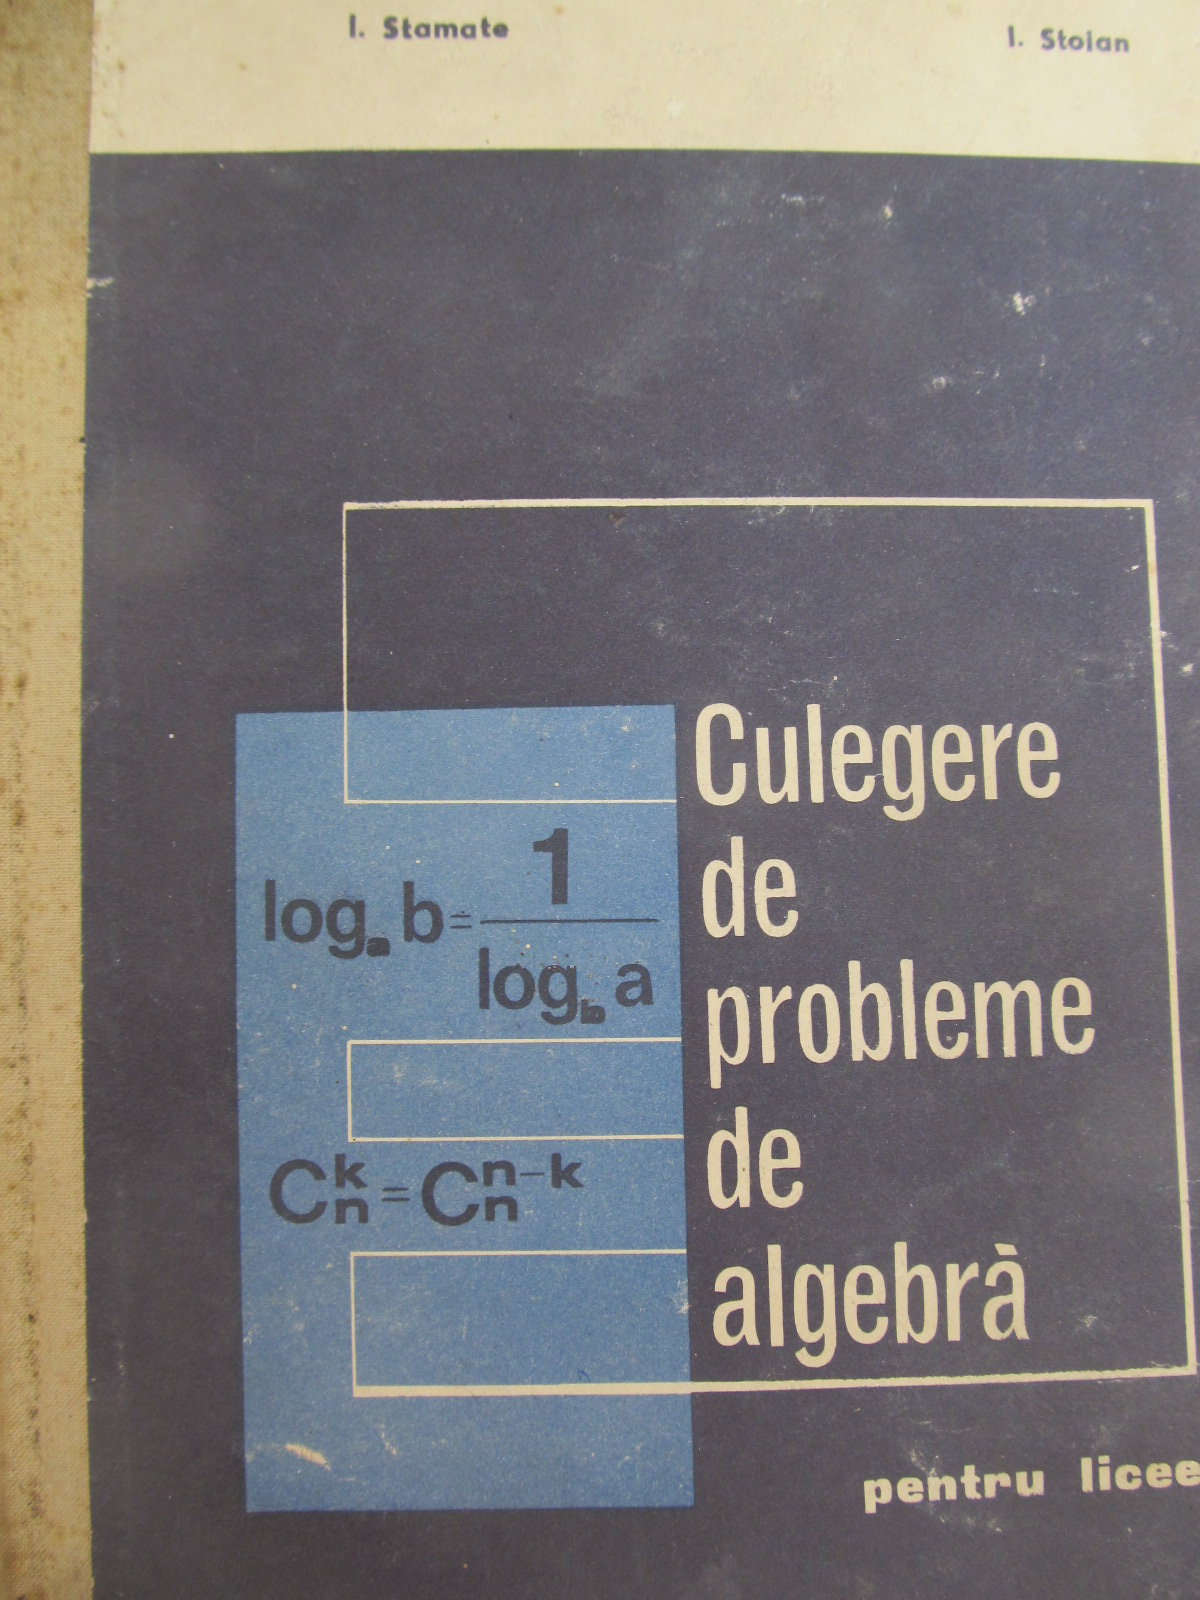 Culegere de probleme de algebra - pentru licee - I. Stamate , I. Stoian | Detalii carte